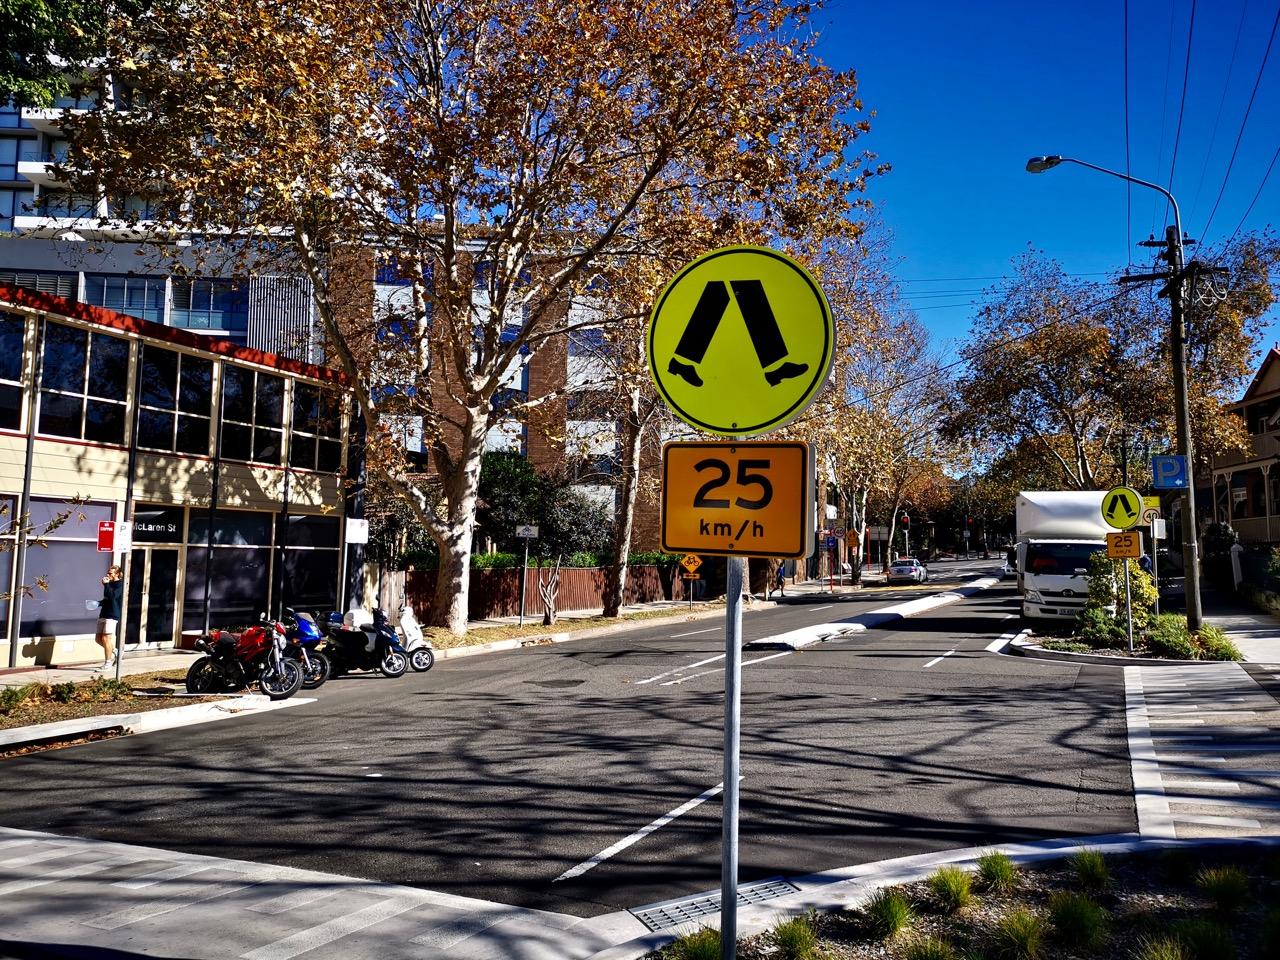 想要躲避北半球酷热的夏天,这时候来悉尼准没错 酷热难耐,别骗我,哭笑不得,想要,躲避 第8张图片